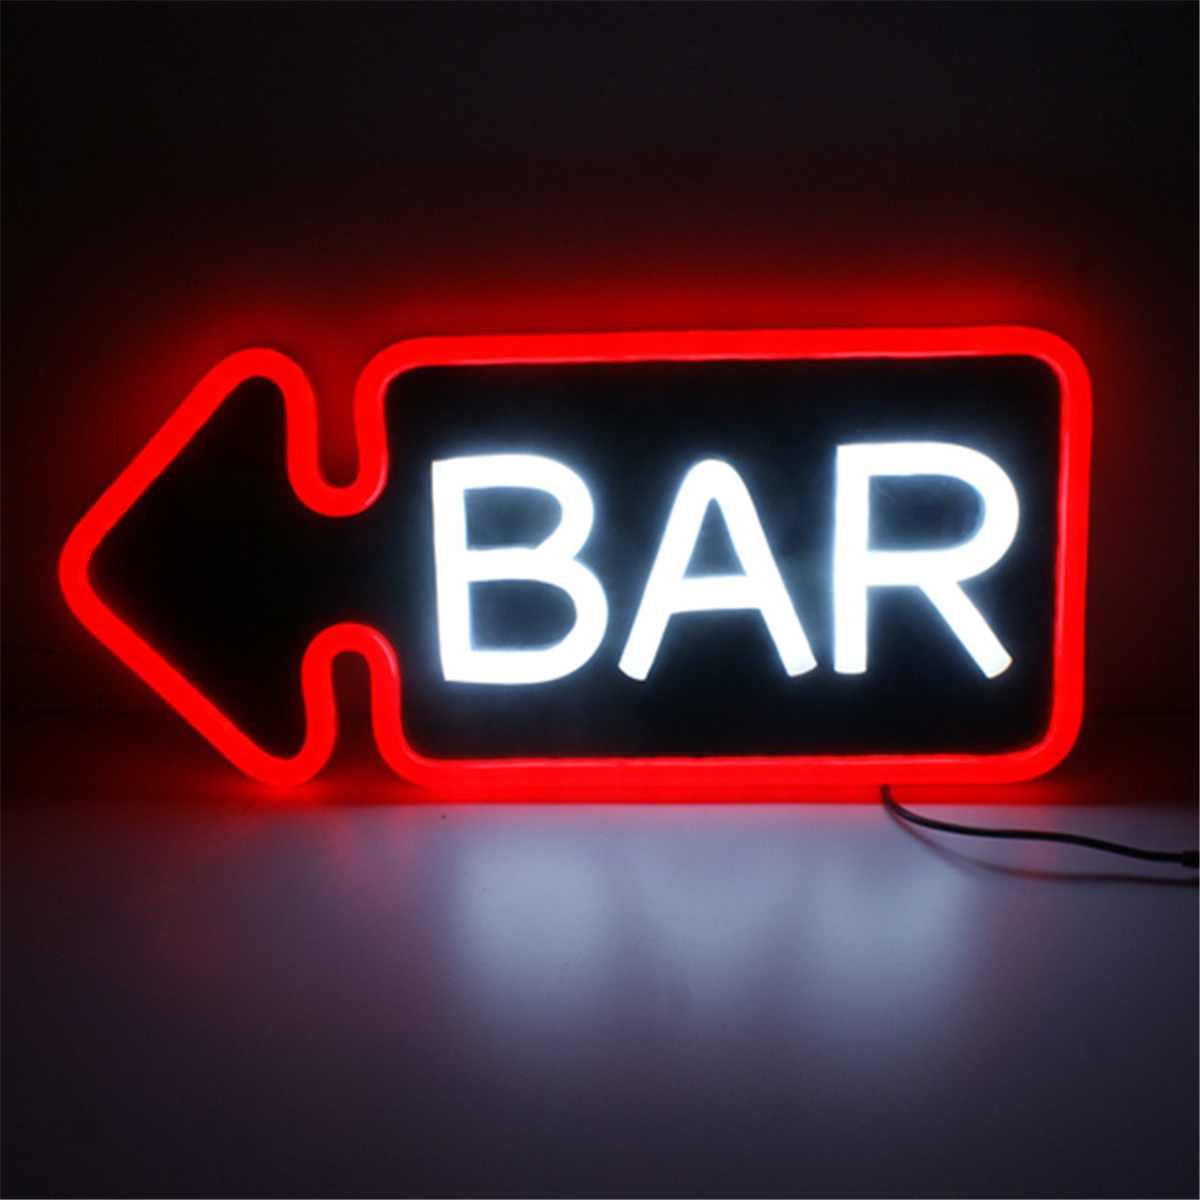 PVC barre néon signe lumière LED à la main illustration visuelle BAR Club applique murale lampe décoration éclairage néon ampoules conseil 48*25*3 cm